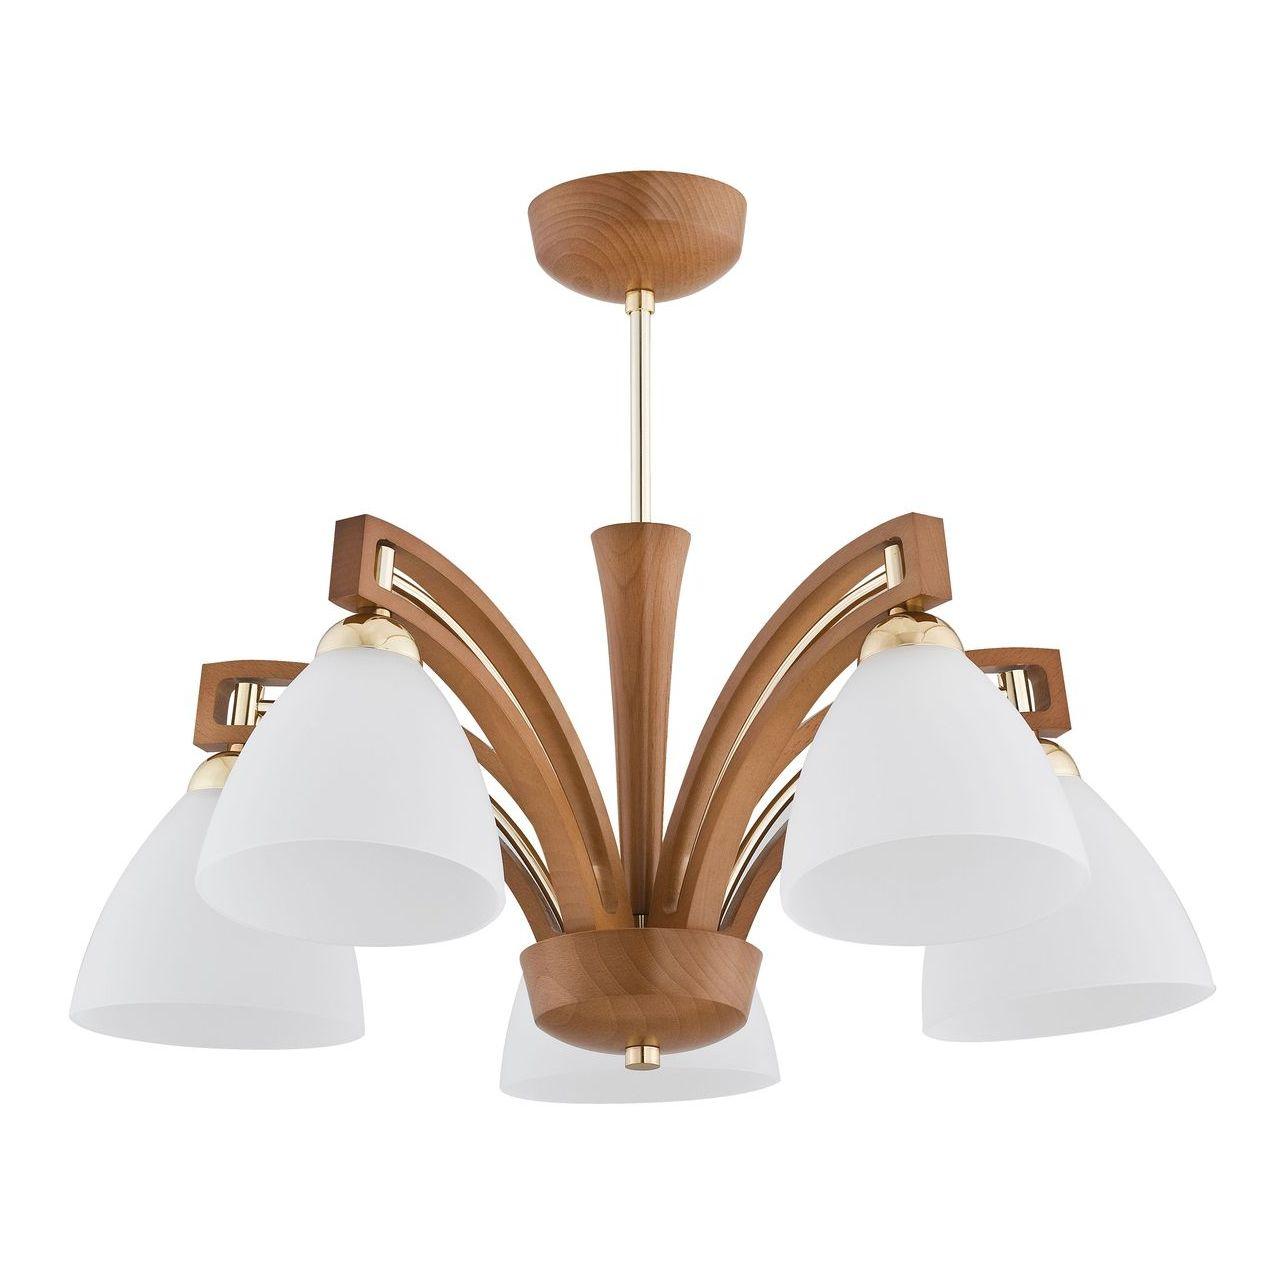 купить Потолочный светильник Alfa, E27, 300 Вт по цене 7790 рублей